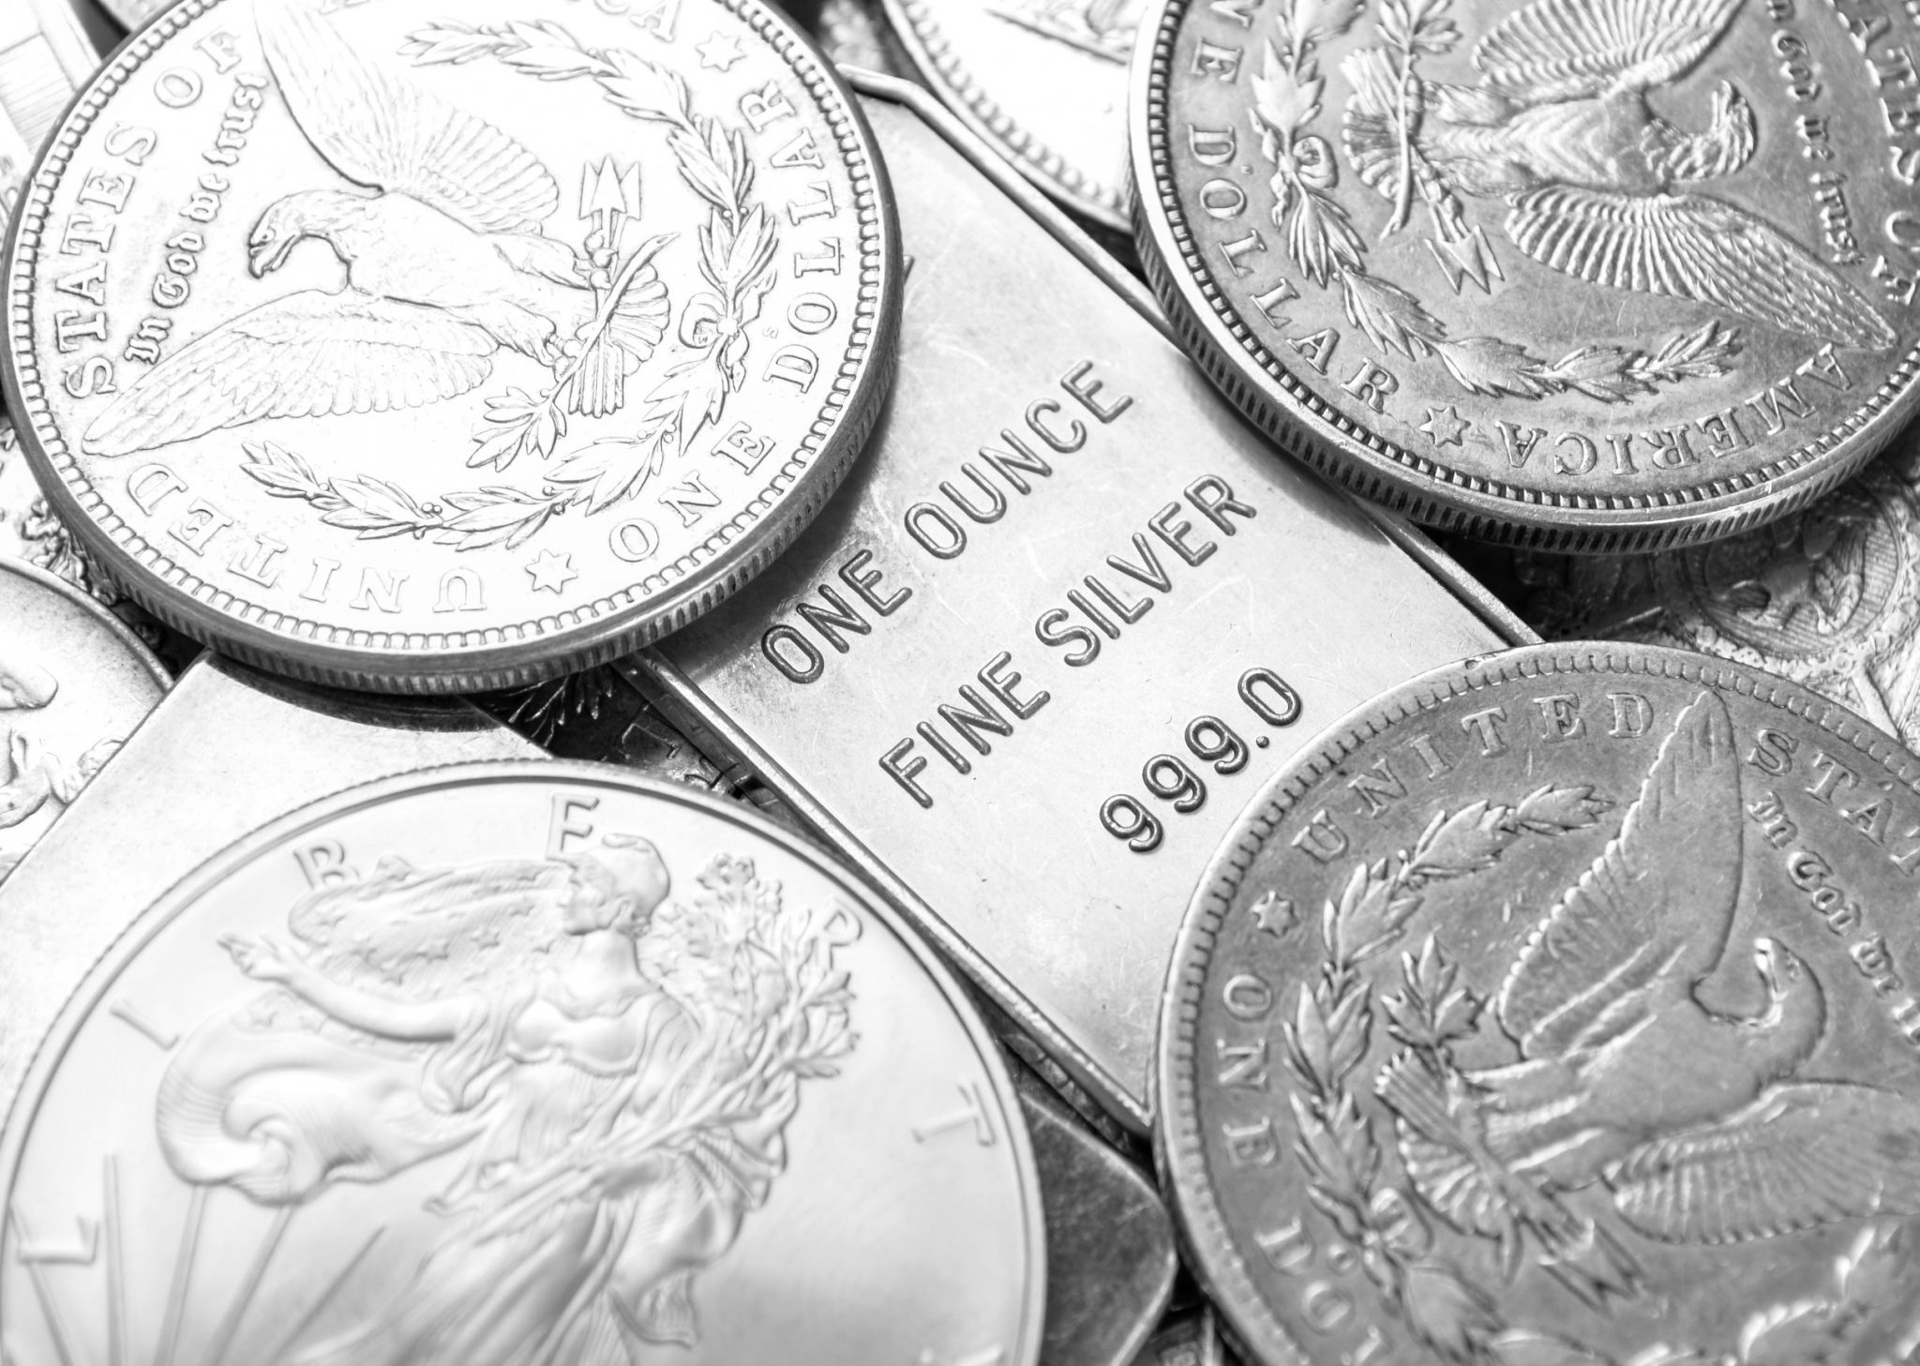 Is beleggen in zilver verstandig